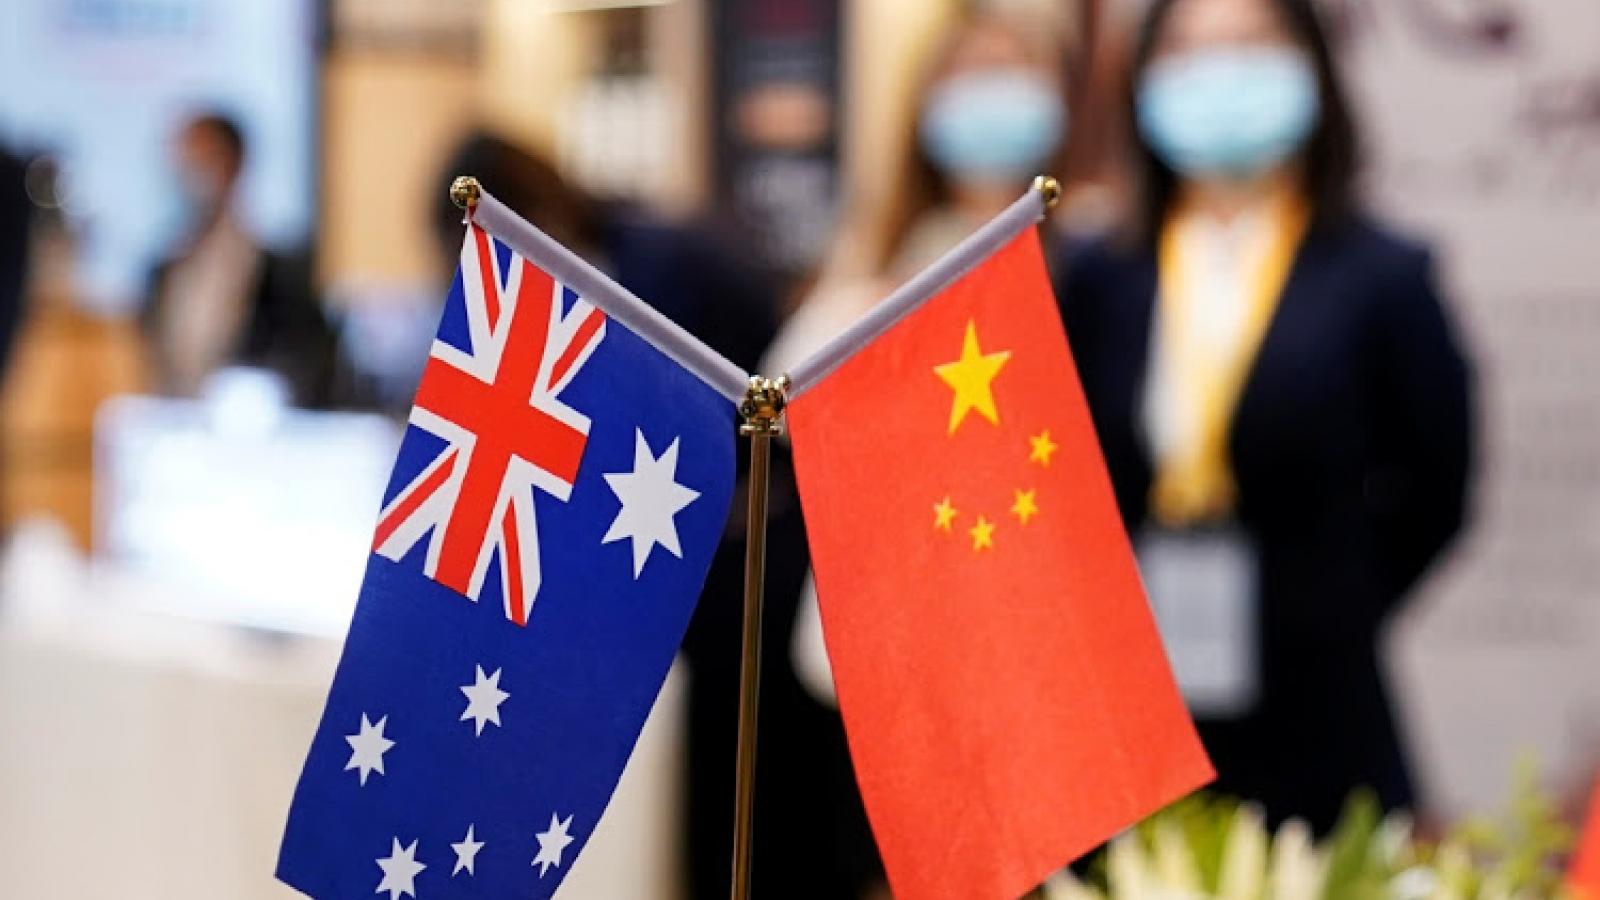 New Zealand đề nghị làm trung gian hòa giải giữa Australia và Trung Quốc